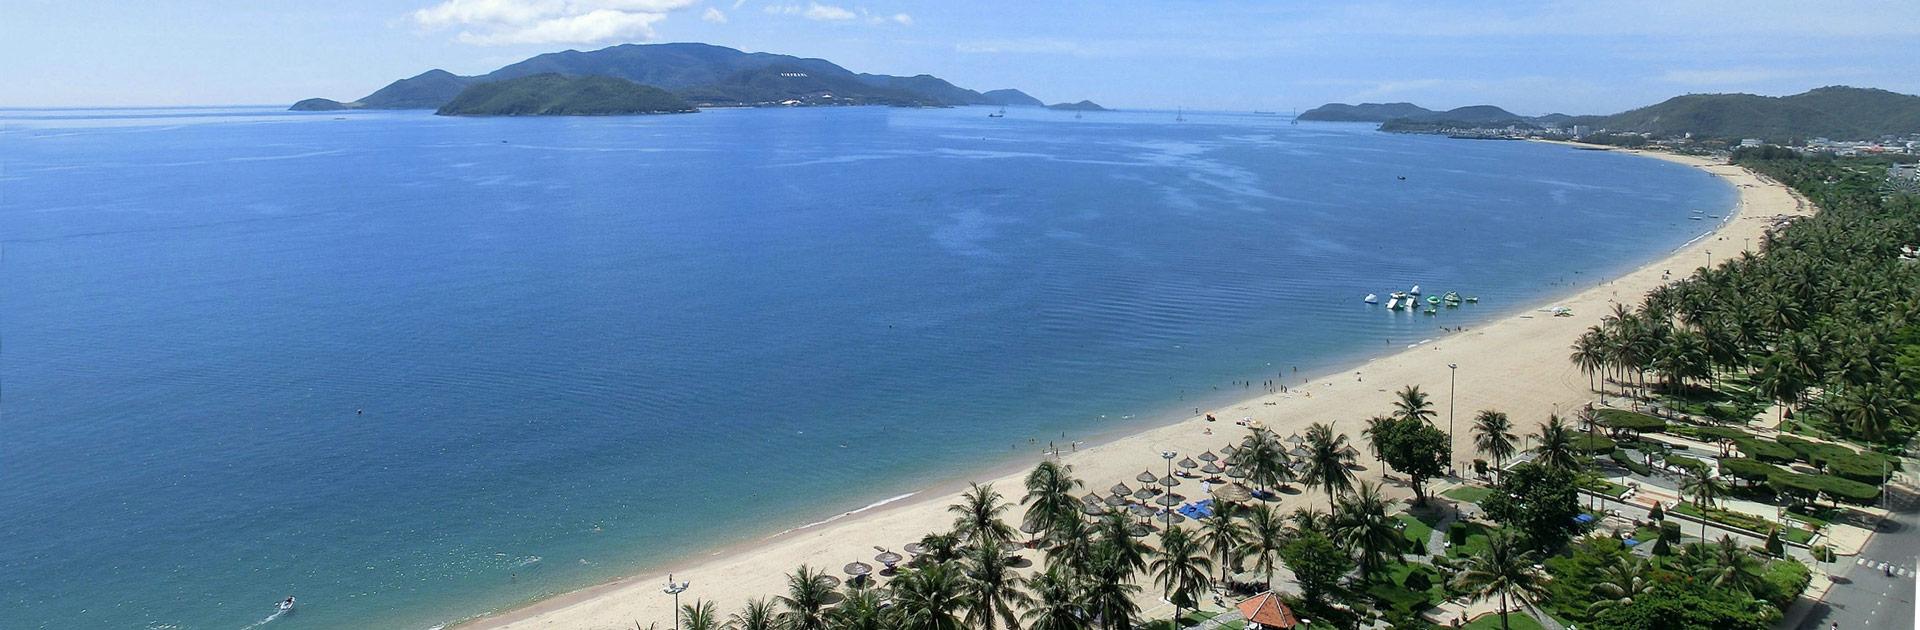 VN Encantos de Vietnam y Nha Trang 14 días 1